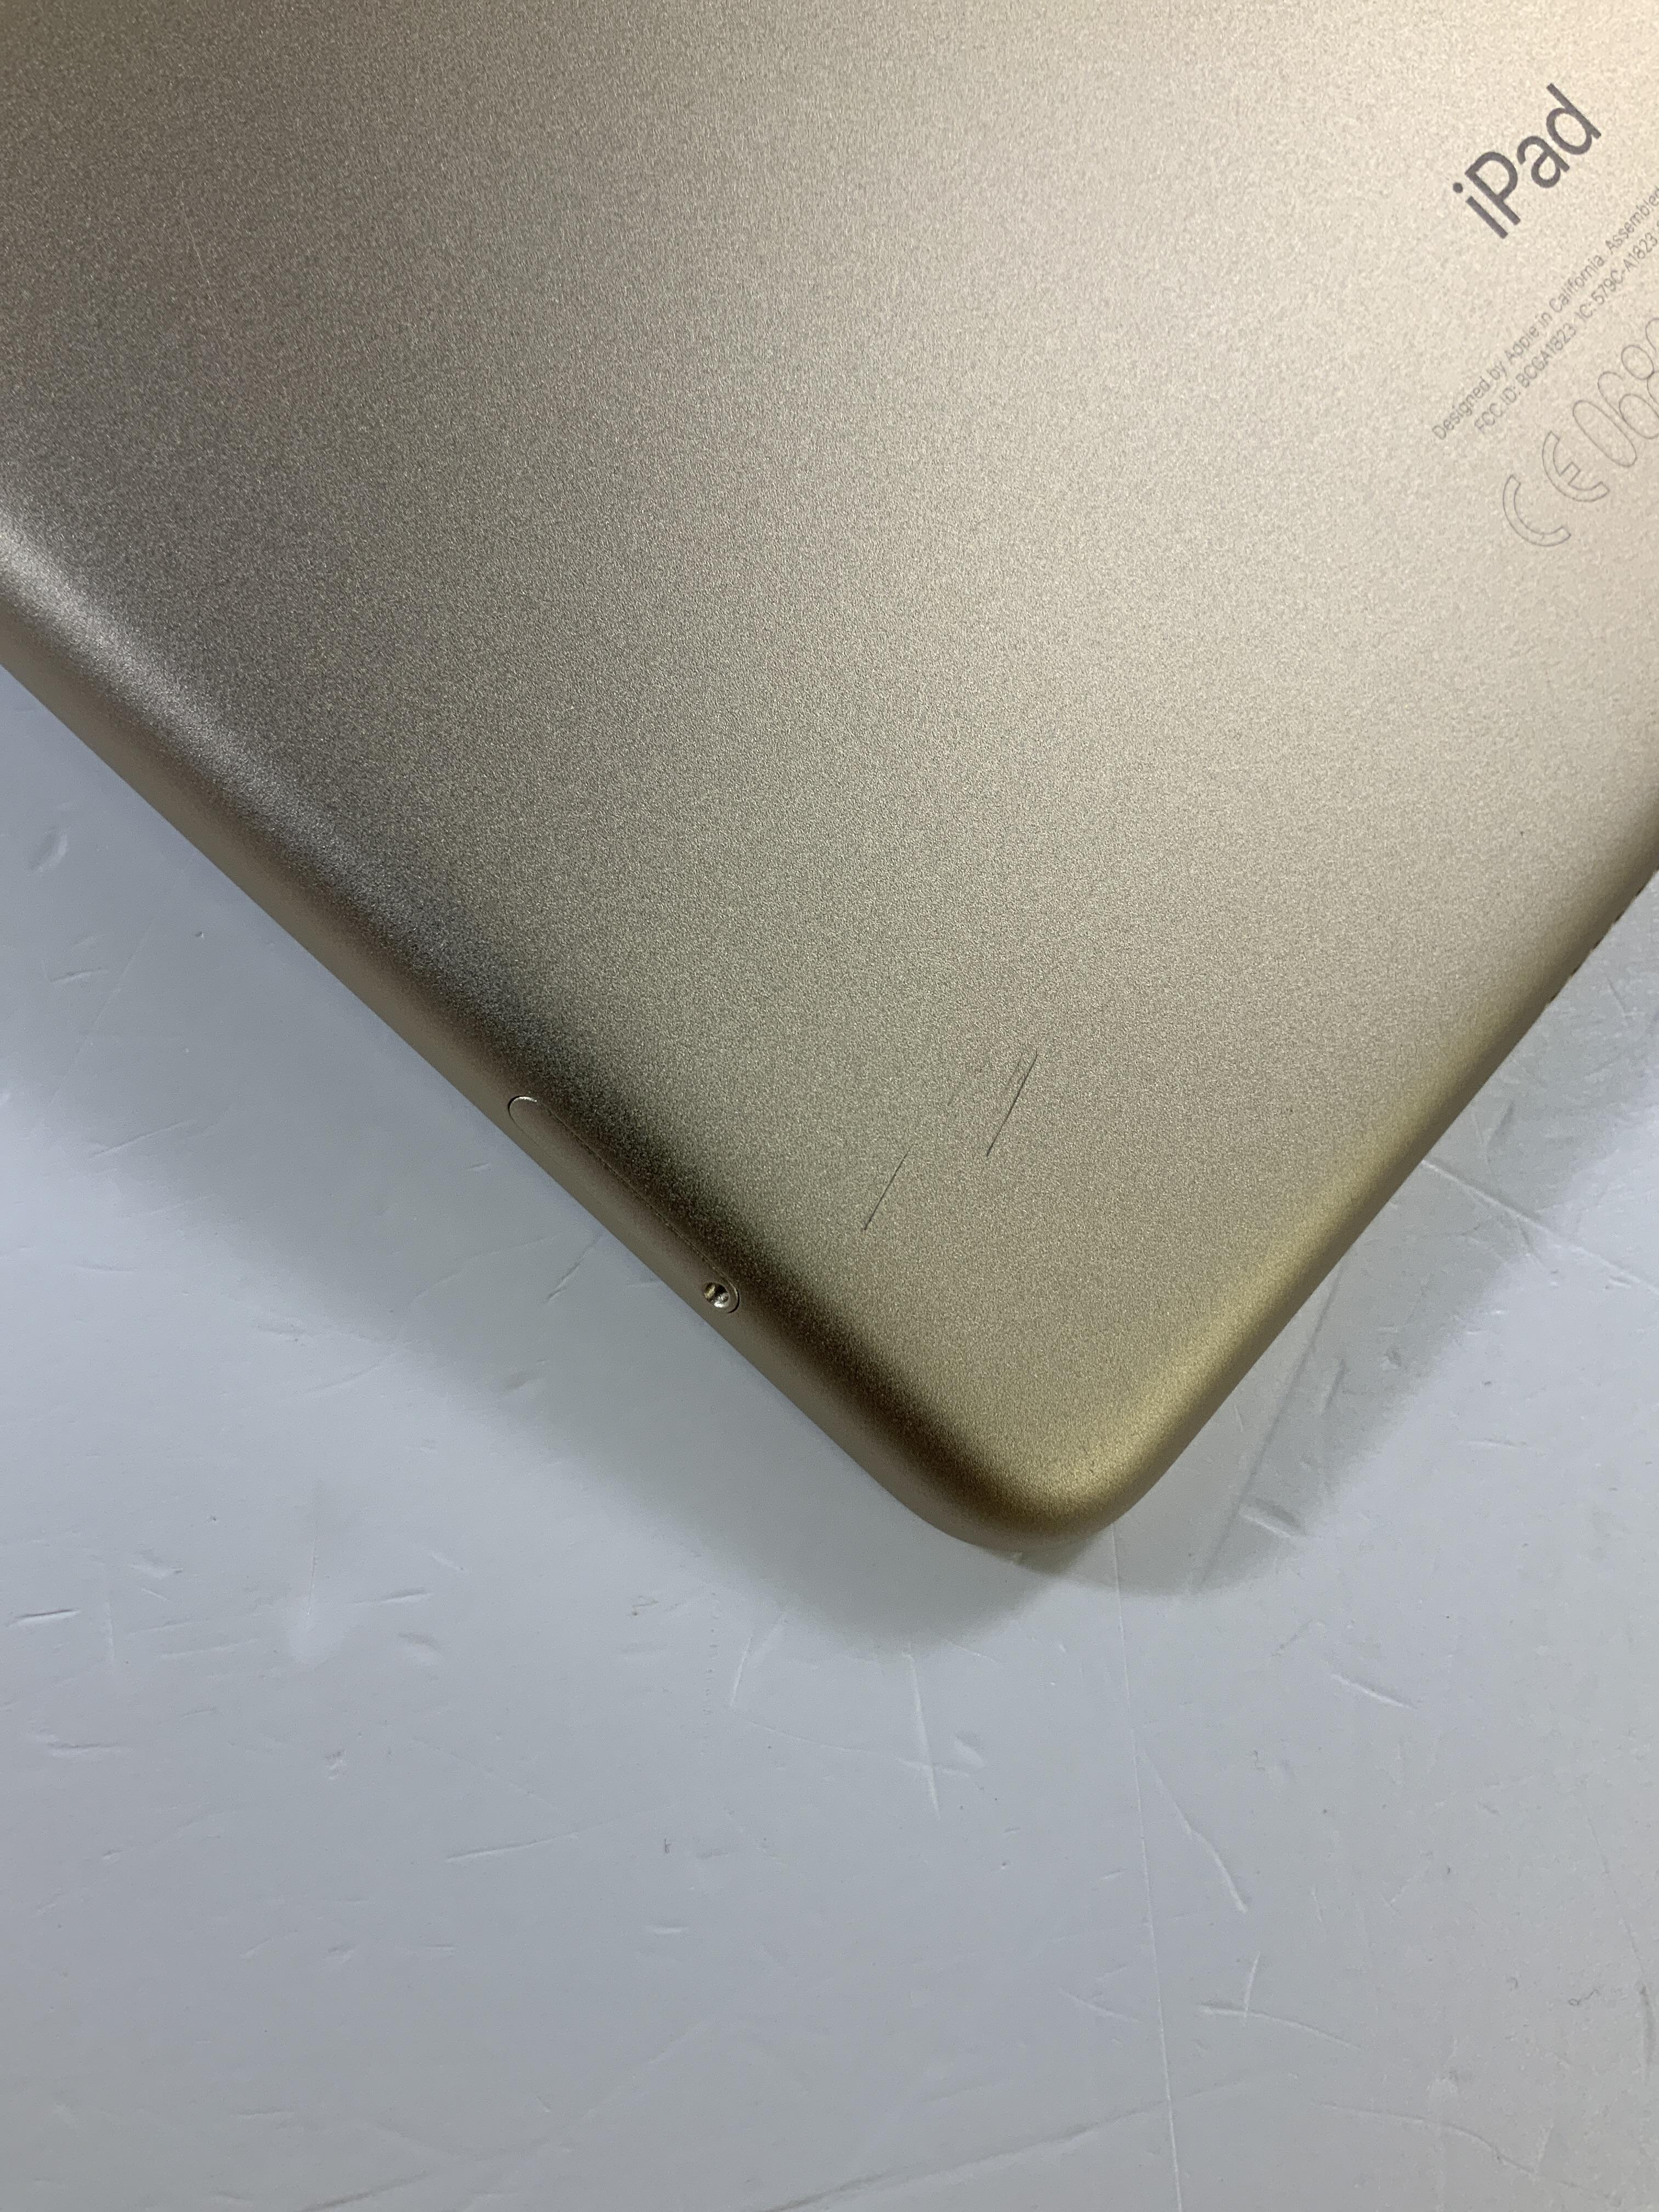 iPad 5 Wi-Fi + Cellular 128GB, 128GB, Gold, Kuva 4